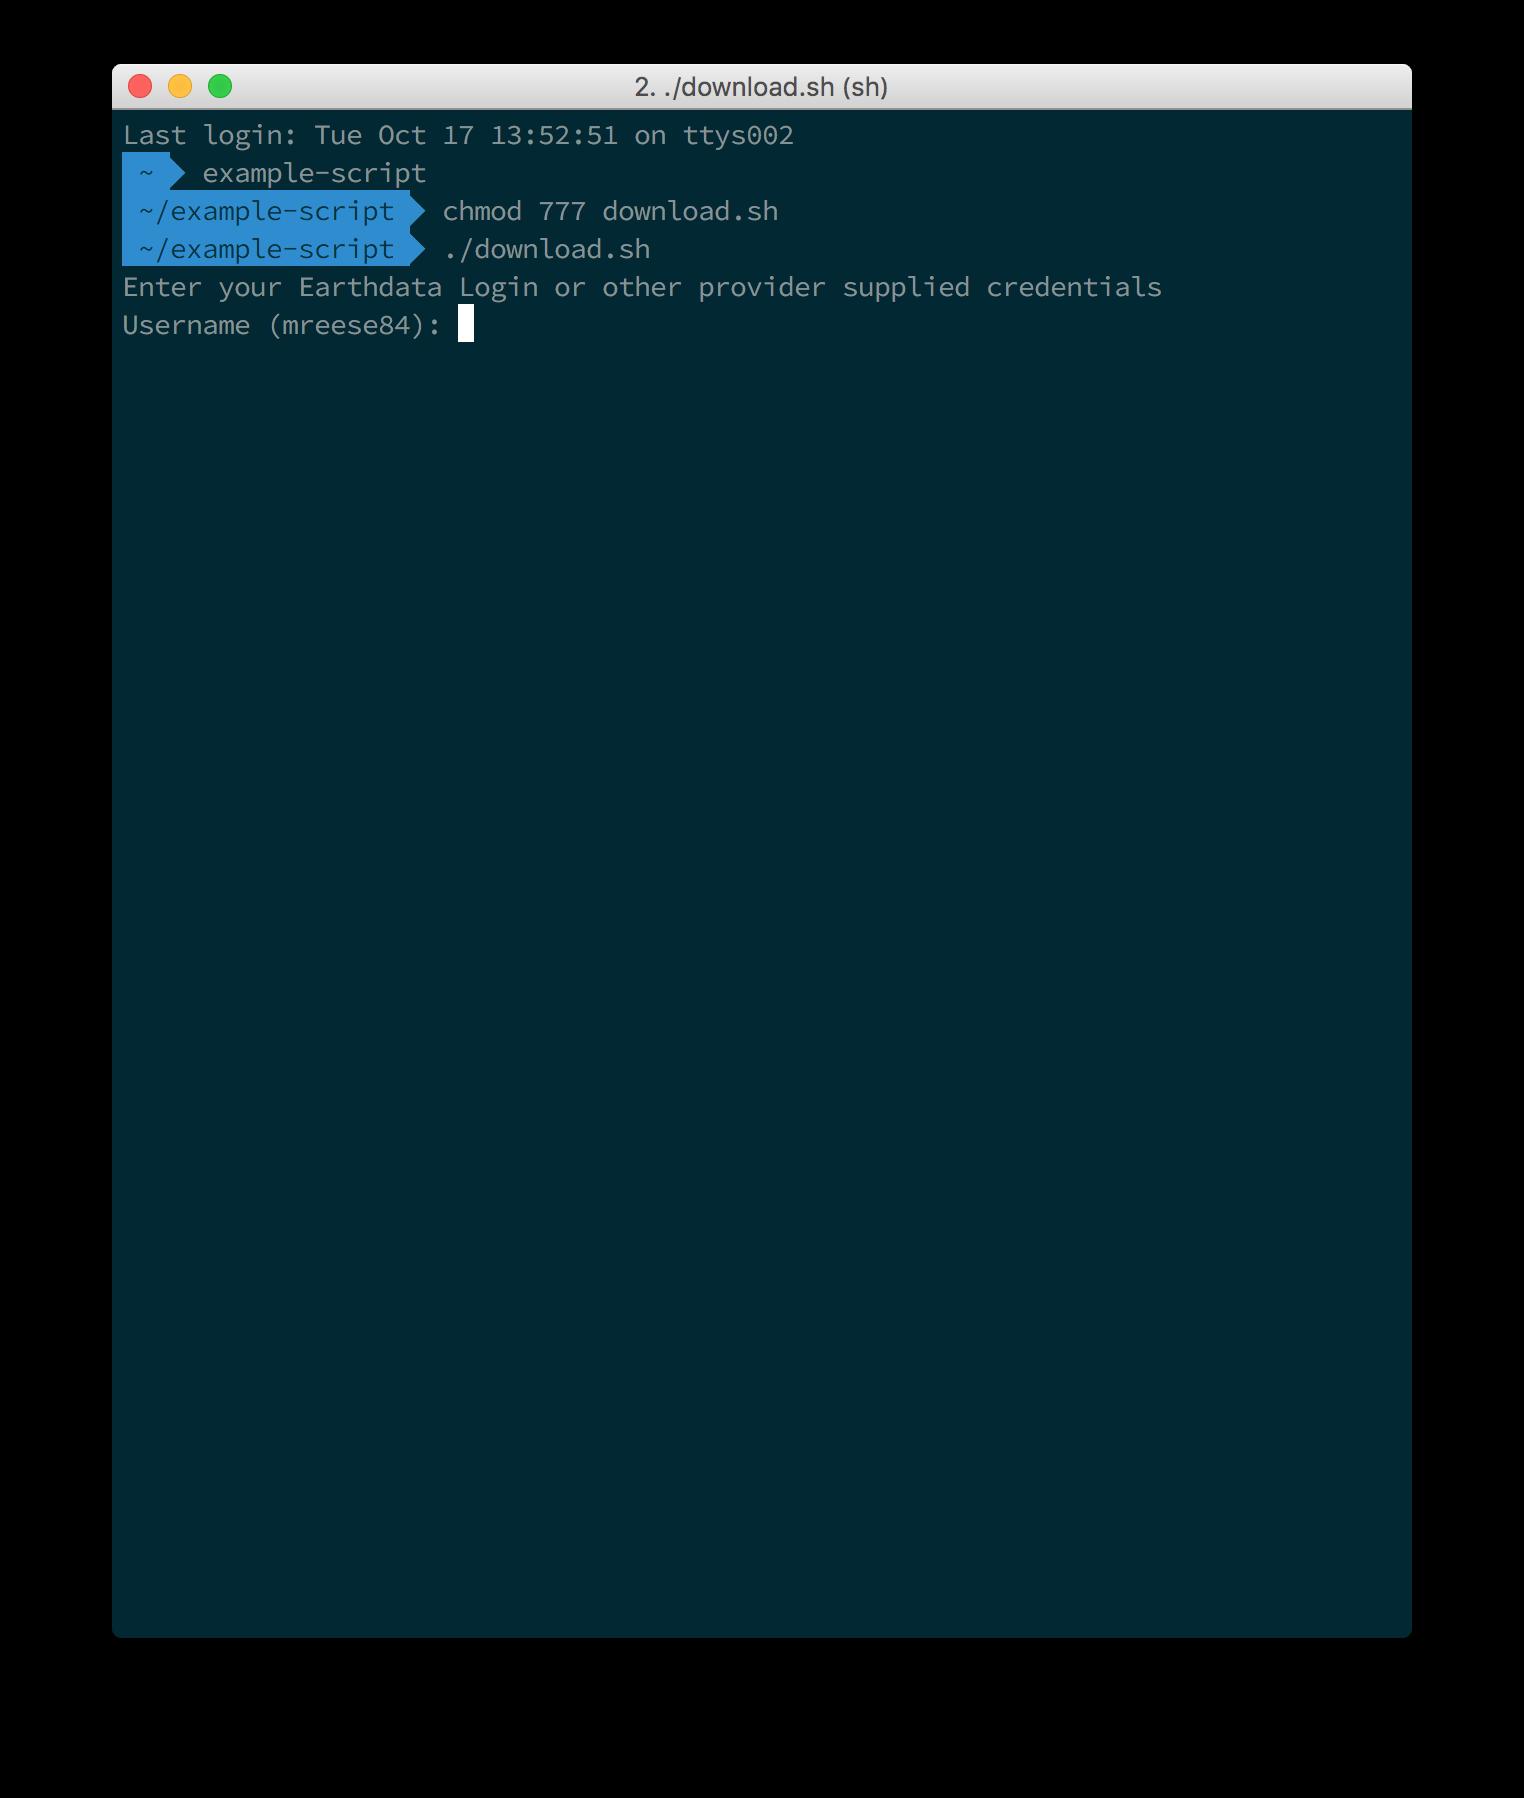 Earthdata Search Download Access Script 2